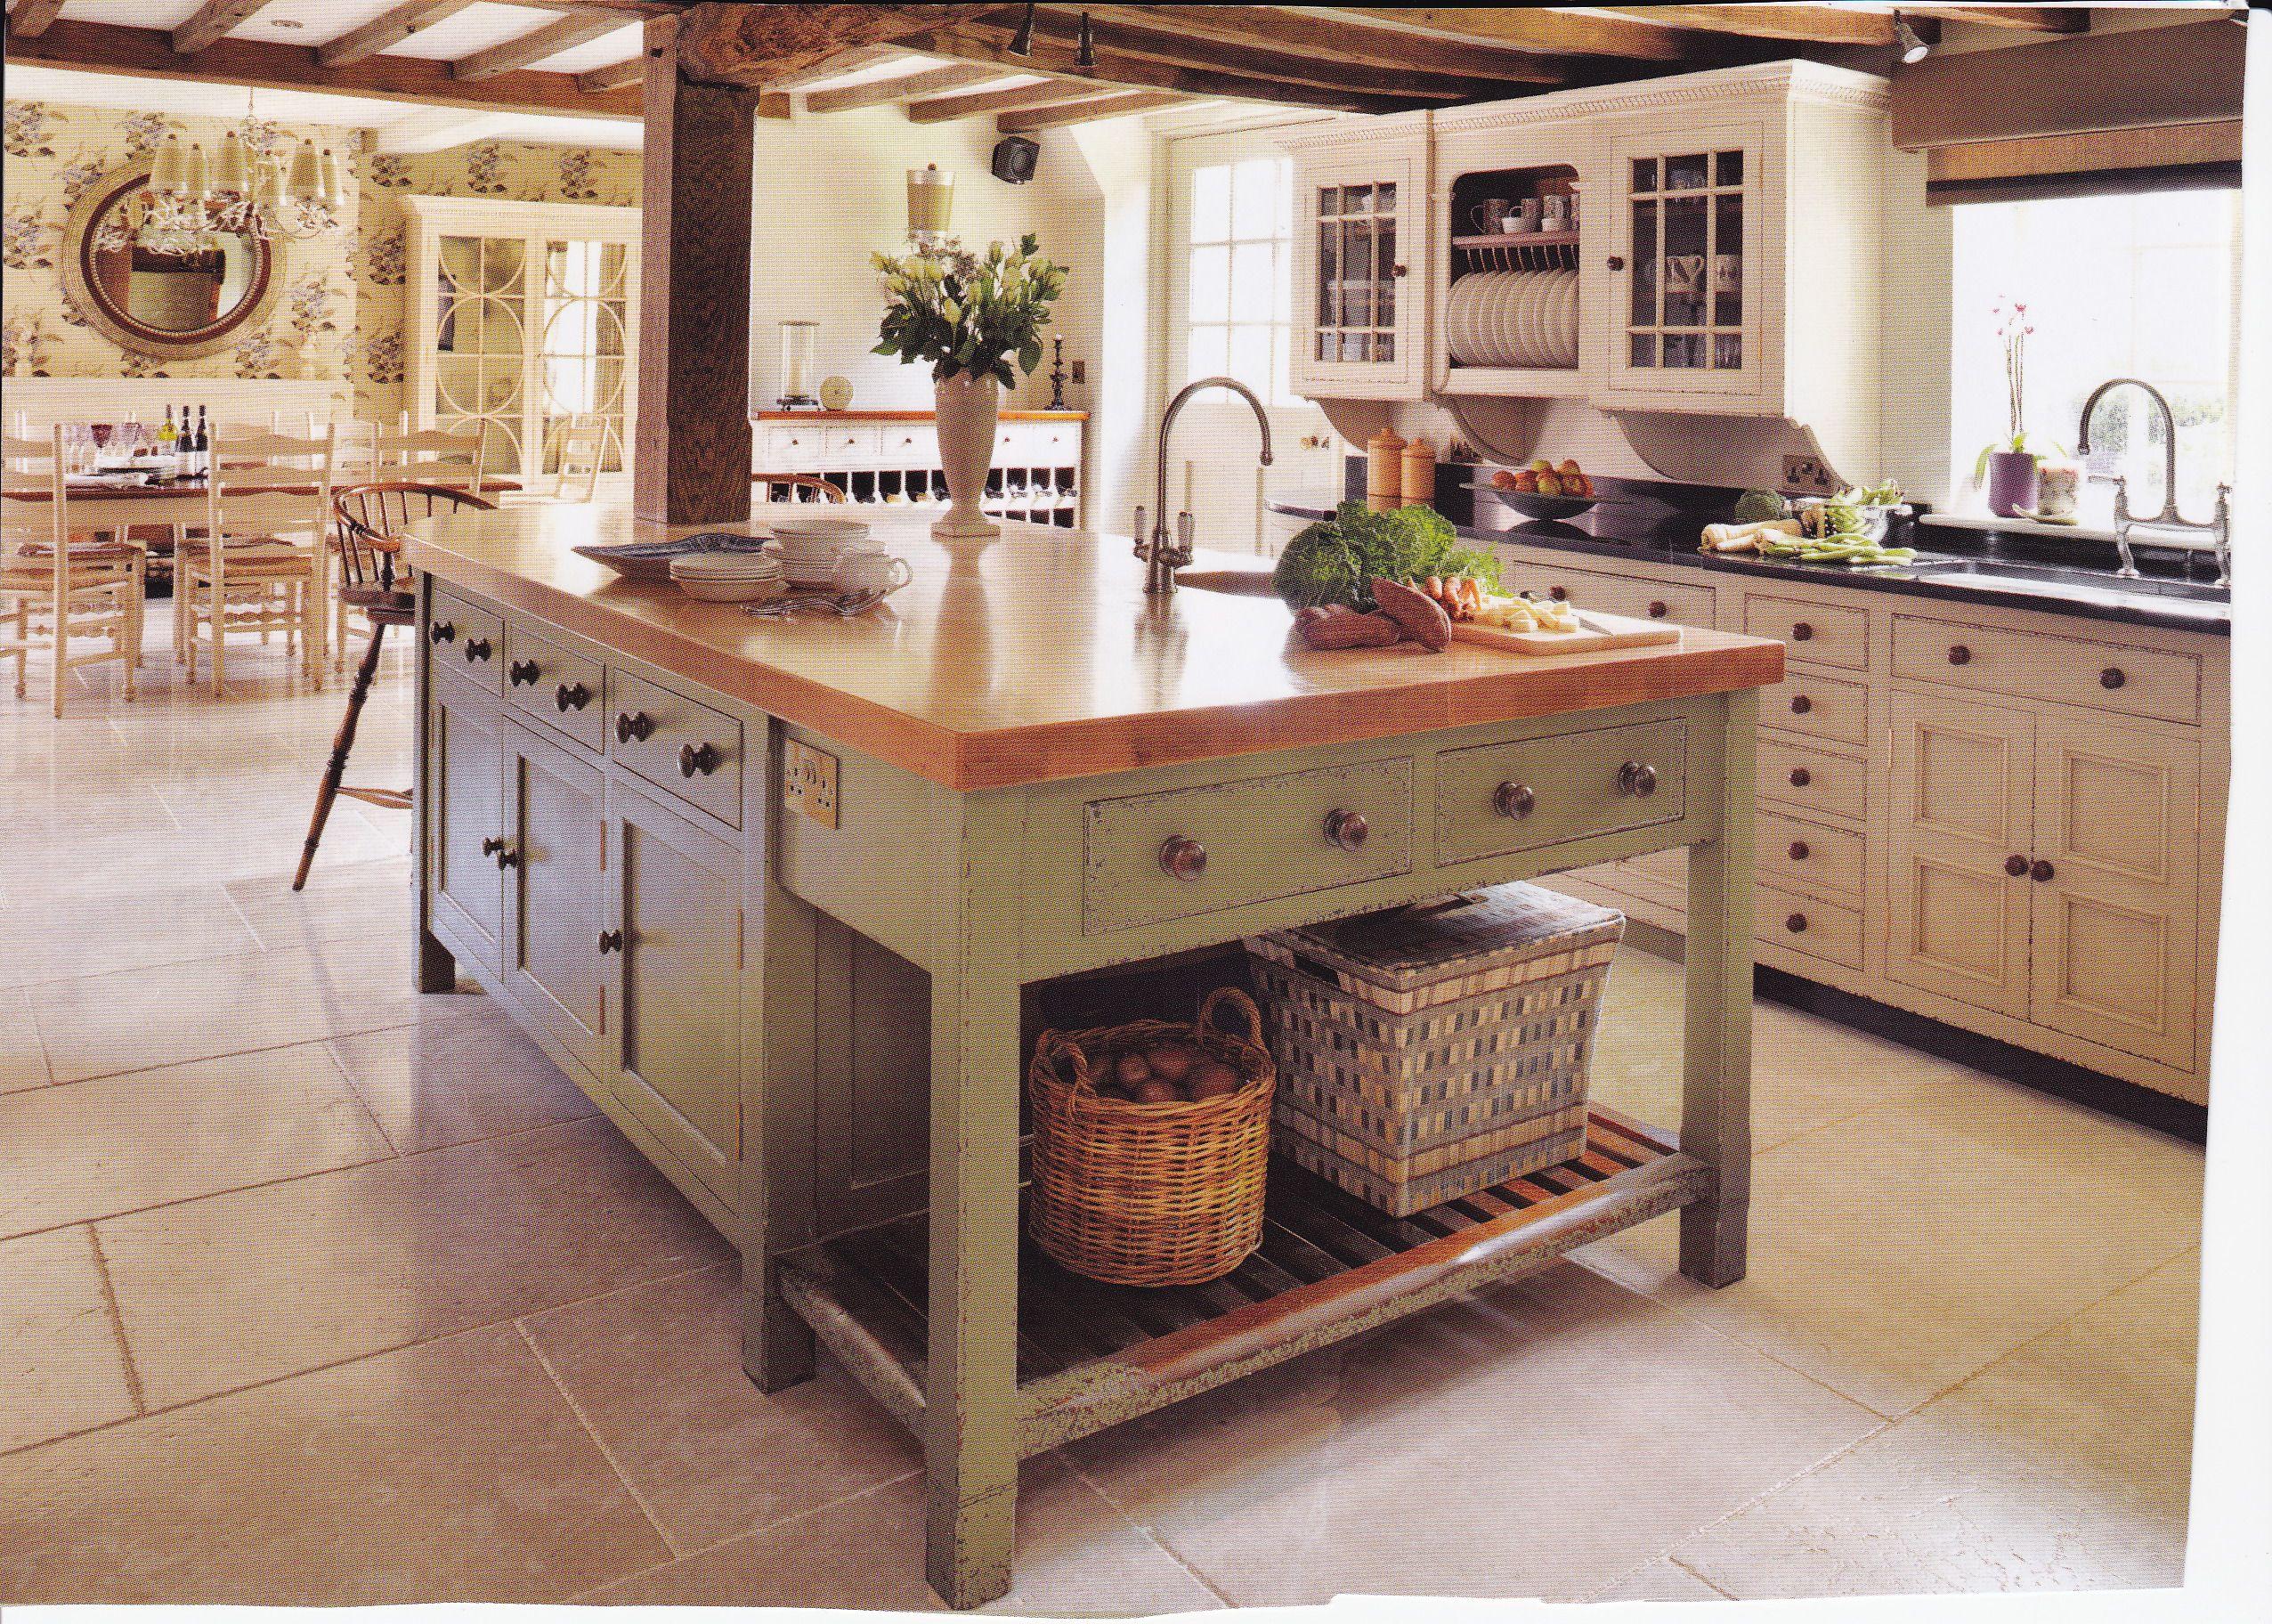 küche-und-esszimmer-im-landhausstil - mit schlichter beleuchtung ...